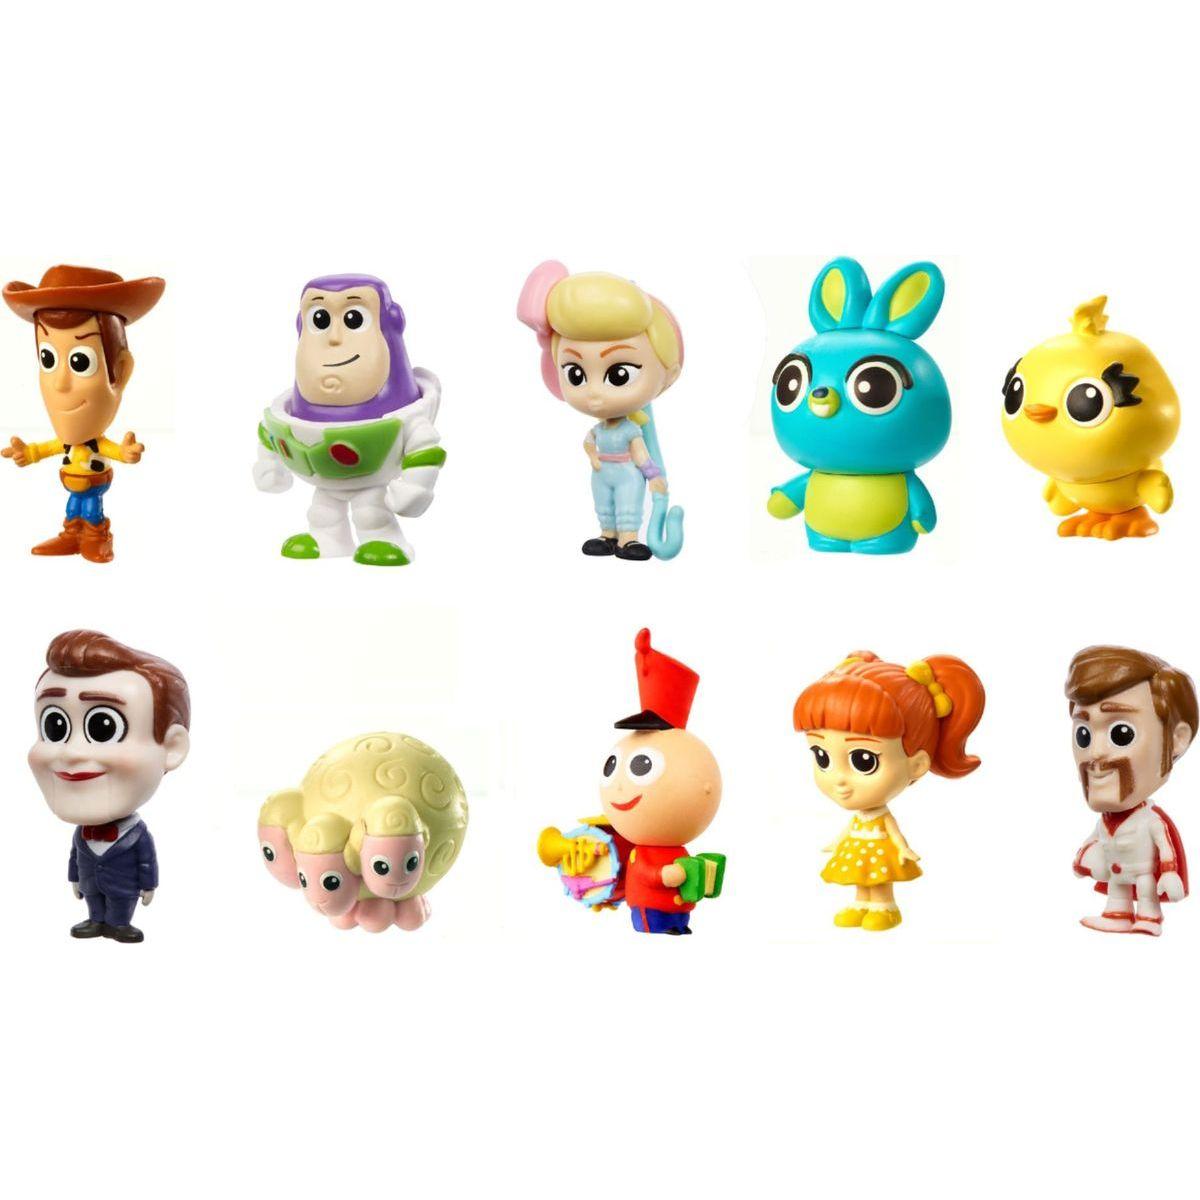 Mattel Toy story 4 minifigúrka 10 ks